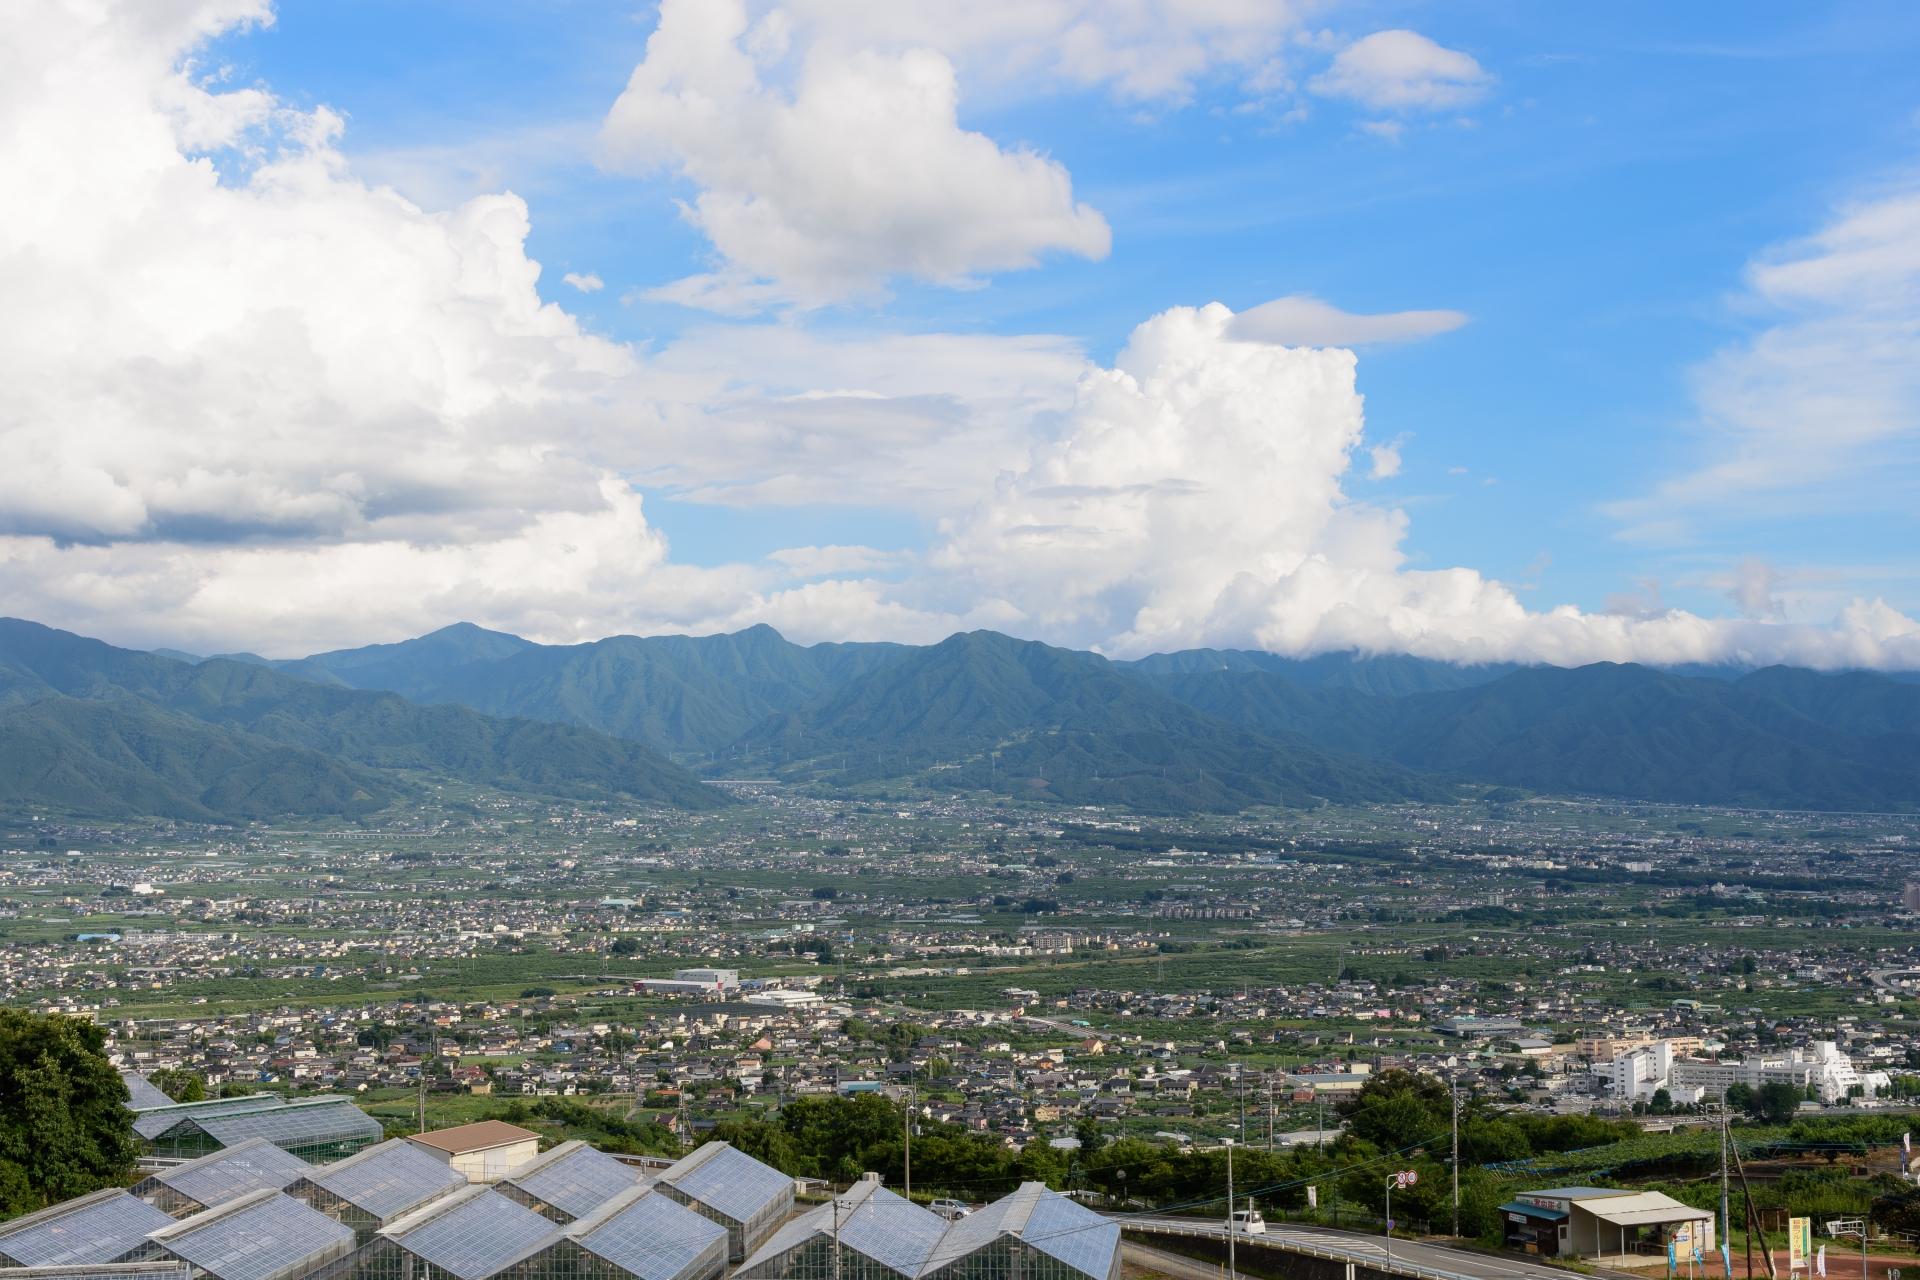 甲府盆地はどんな地形的特徴がある?おすすめ観光スポットも合わせてご紹介!